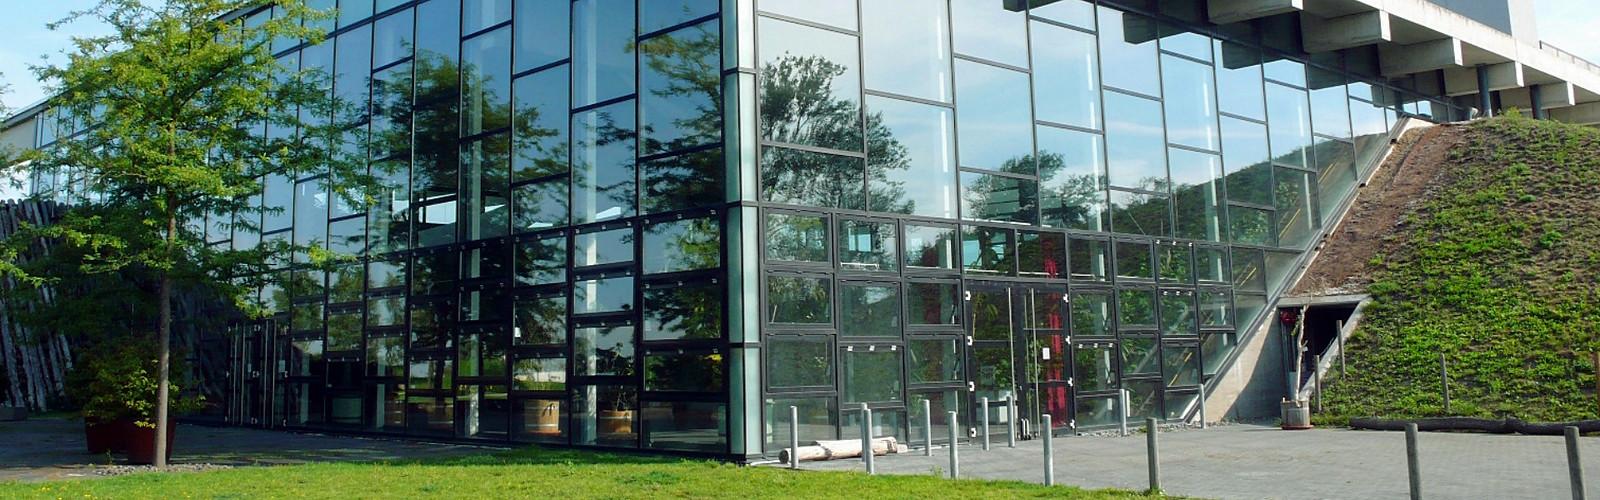 Eventhalle Orangerie Außenansicht (c) Tina Merkau